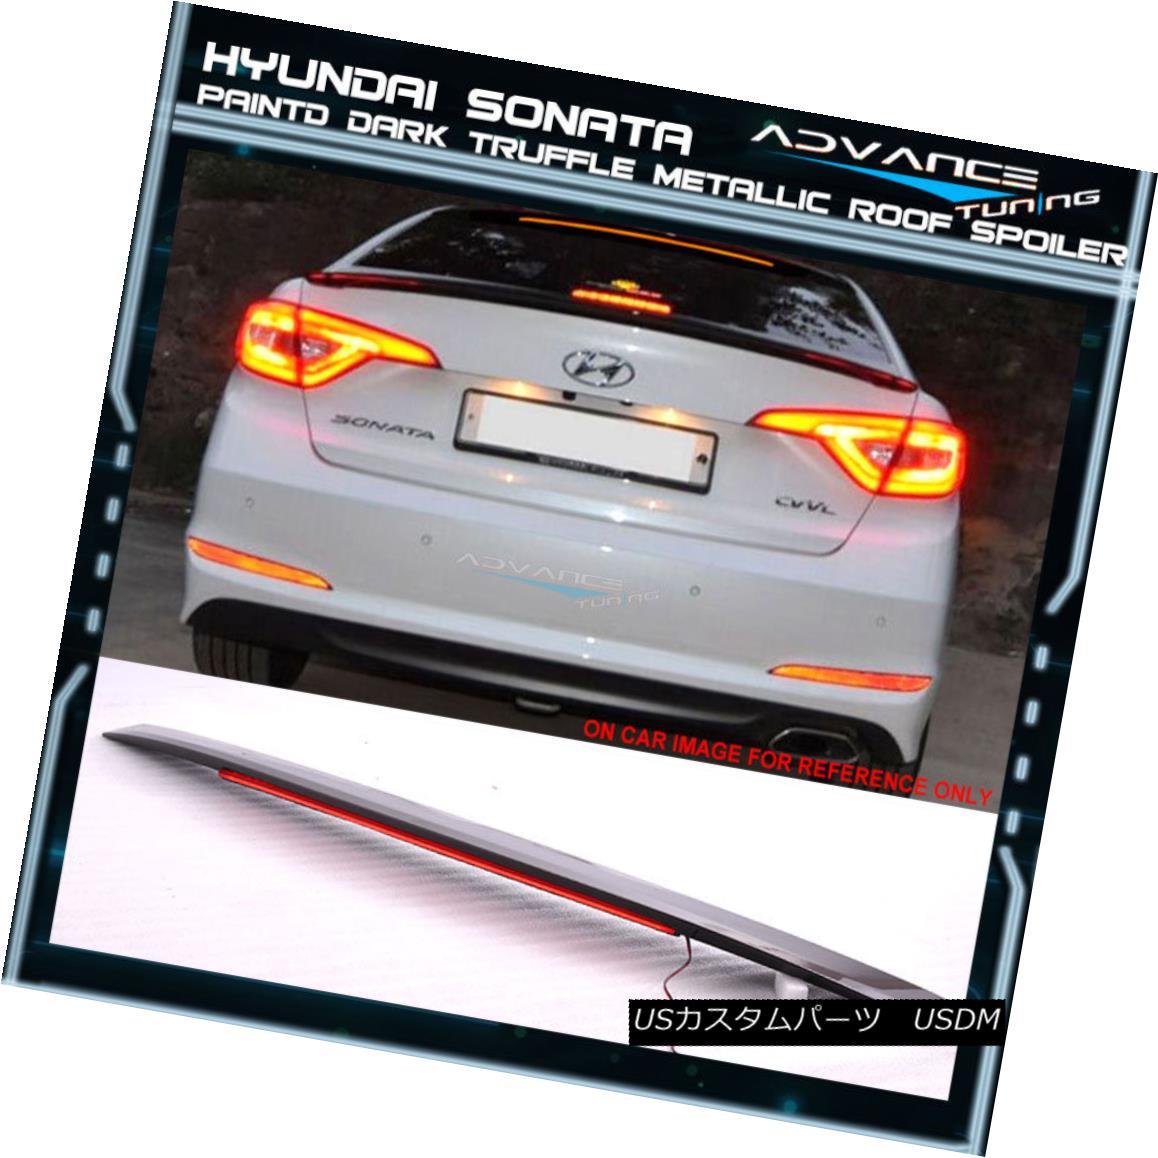 エアロパーツ Fit 15-17 Sonata LF OE Painted Trunk Spoiler LED #NN8 Dark Truffle Metallic フィット15-17ソナタLF OE塗装トランクスポイラーLED#NN8ダークトラッフルメタリック